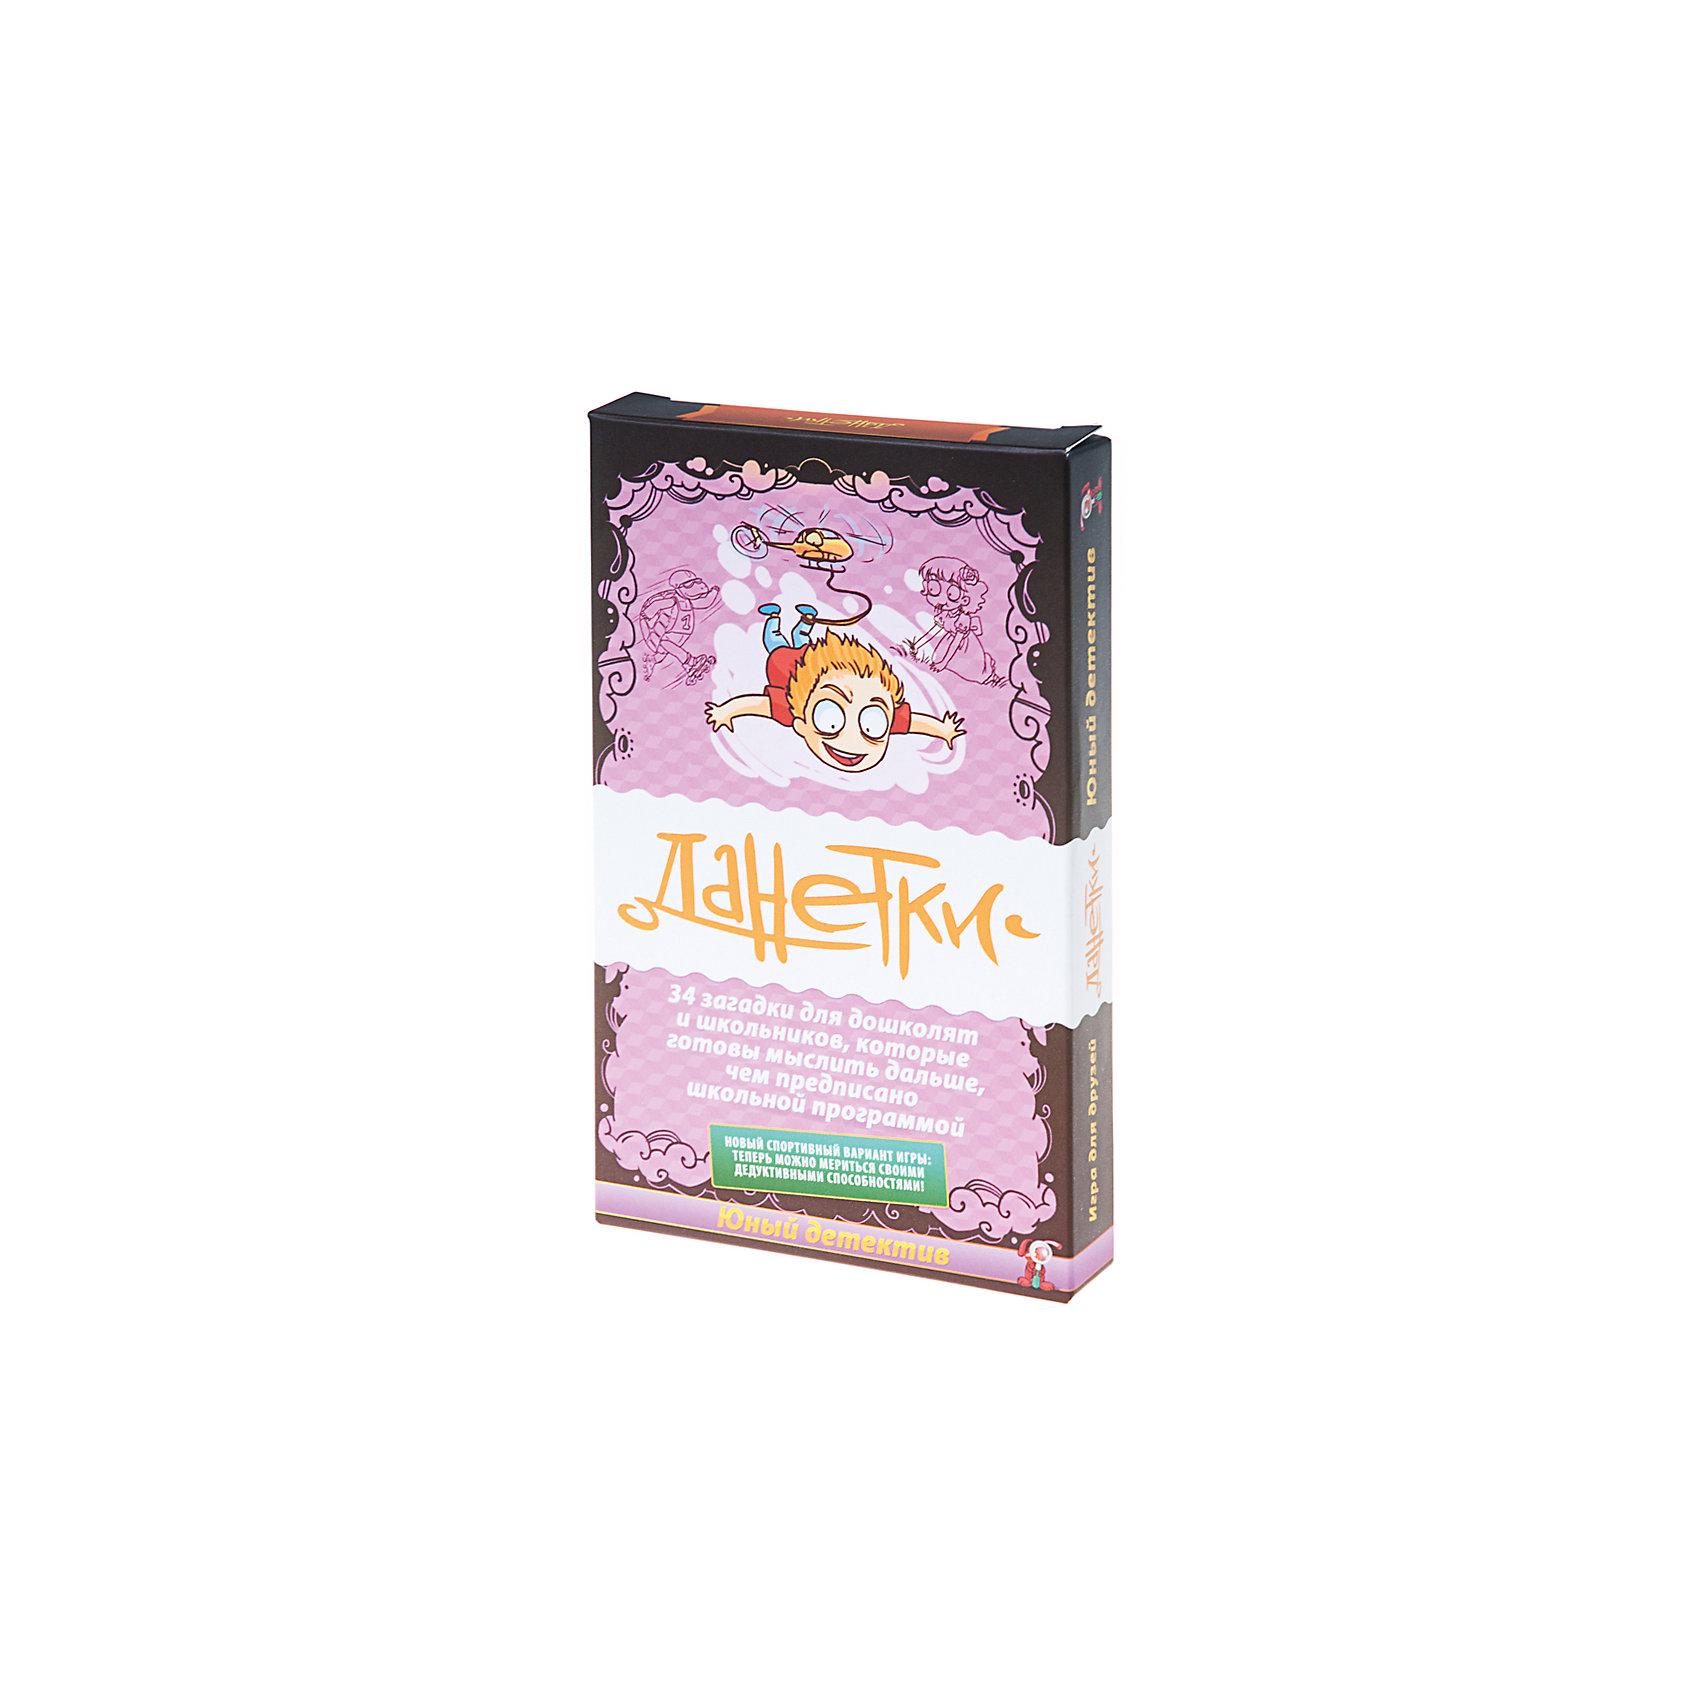 Настольная игра Данетки Юный детектив розовый, МагелланНастольные игры для всей семьи<br>Характеристики:<br><br>• возраст: от 5 лет<br>• комплектация: 34 карточек с историями, 1 карта с правилами.<br>• материал: картон<br>• количество игроков: от 2 до 8 человек<br>• время игры: 10-40 минут<br>• упаковка: картонная коробка<br>• размер упаковки: 15х9х2 см.<br>• вес: 40 гр.<br><br>Настольная игра «Данетки. Юный Детектив» – версия Данеток для маленьких, которая состоит из 34 карточек с необычными историями.<br><br>Разгадать данетку - значит разгадать странную загадочную историю. Ведущий рассказывает только часть этой истории, а игроки должны восстановить всю историю целиком. Разрешается задавать только такие вопросы, на которые ведущий сможет ответить «да», «нет» или «неважно».<br><br>В тренировочном режиме вопросов задавать можно сколько угодно, но если играете всерьез, то — чем меньше вопросов игрок задает, и чем точнее они будут, тем больше у него шансов оказаться самым логичным и прозорливым в компании.<br><br>Играть можно в путешествии, на отдыхе и в кругу семьи.<br><br>Игра повышает грамотность речи, развивает фантазию, воображение и логическое мышление.<br><br>Настольную игру Данетки Юный детектив розовый, Магеллан можно купить в нашем интернет-магазине.<br><br>Ширина мм: 150<br>Глубина мм: 90<br>Высота мм: 20<br>Вес г: 40<br>Возраст от месяцев: 60<br>Возраст до месяцев: 2147483647<br>Пол: Унисекс<br>Возраст: Детский<br>SKU: 7036606